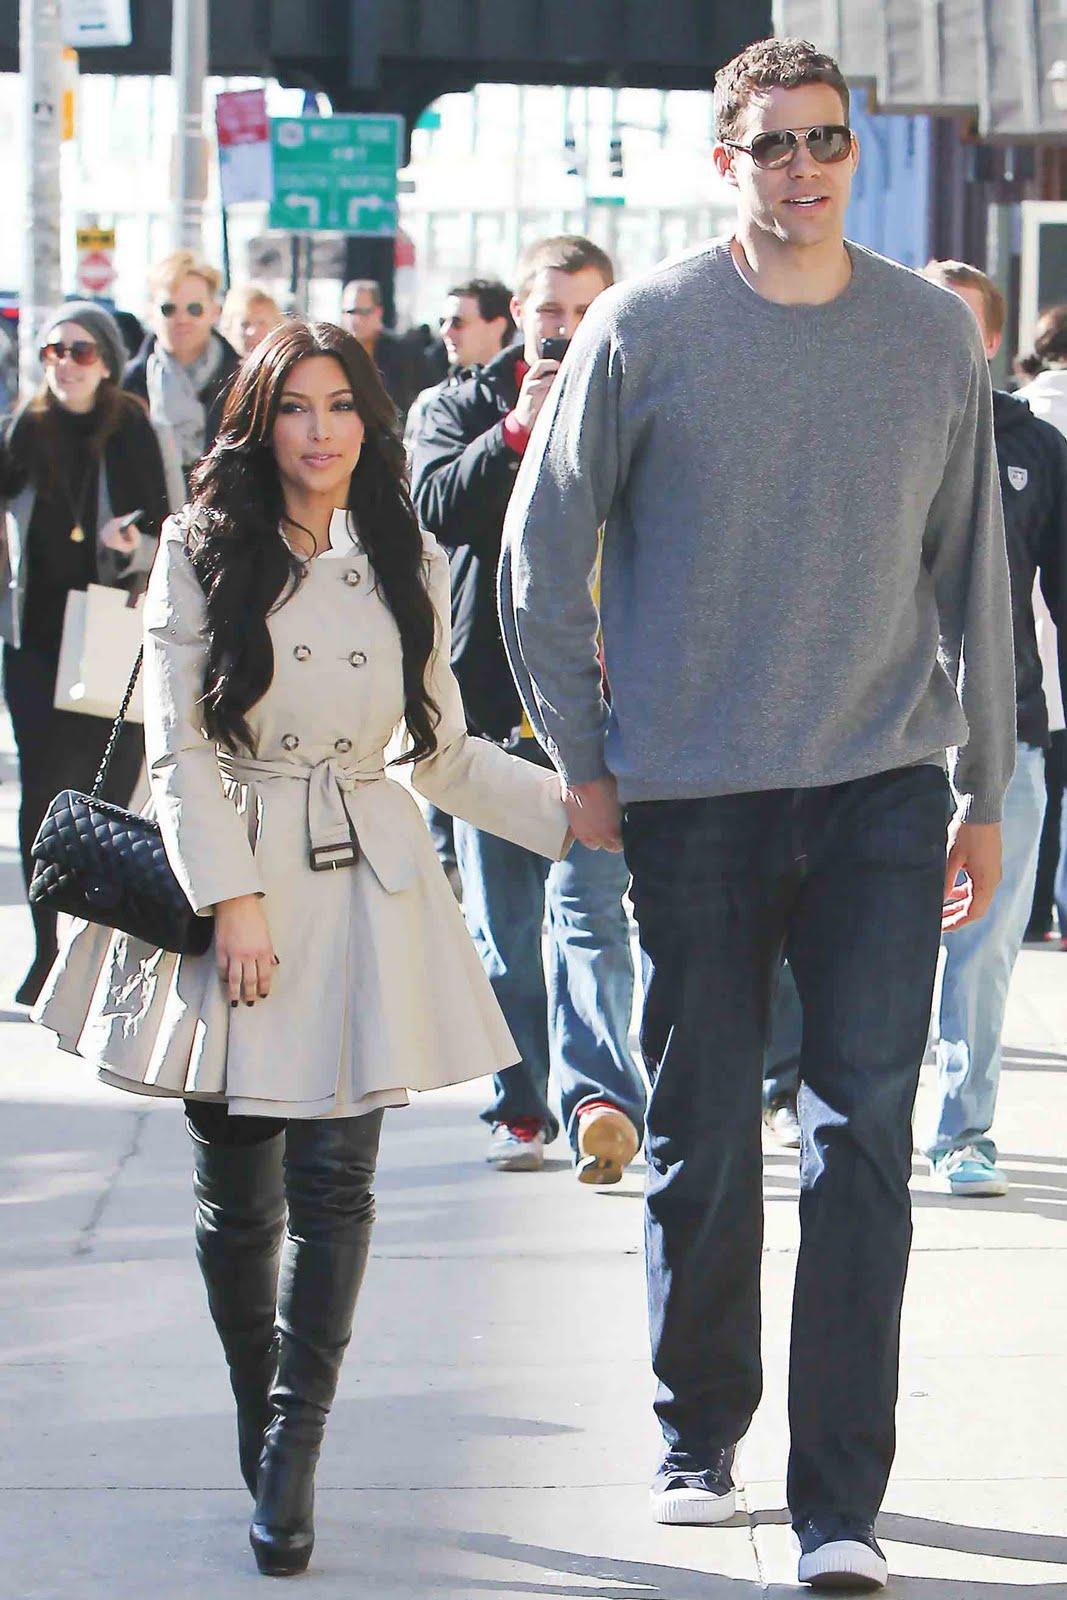 http://2.bp.blogspot.com/-iqSAOmByIjk/Tm93N5IULQI/AAAAAAAAB28/qTQ5ZYCcoM0/s1600/Kim-Kardashian-Kris-Humphries.jpg